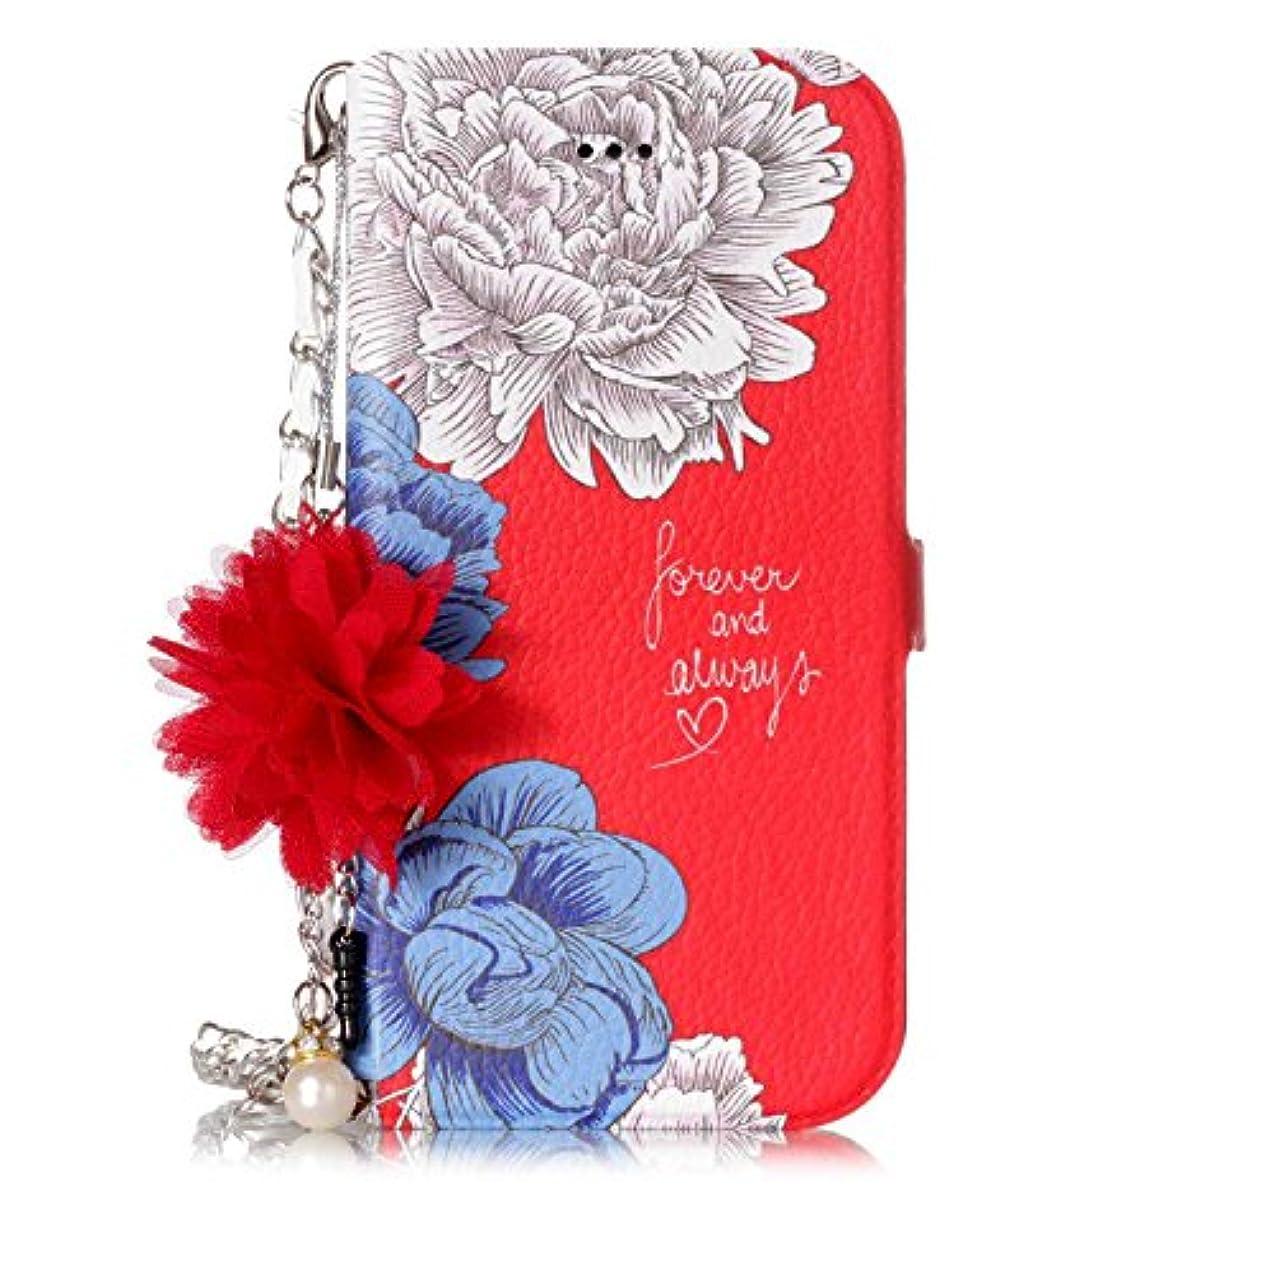 文引き出す公式OMATENTI iPhone 7 / iPhone 8 ケース, 簡約風 軽量 PU レザー 財布型 カバー ケース, こがら 花柄 人気 かわいい レディース用 ケース ザー カード収納 スタンド 機能 マグネット,...